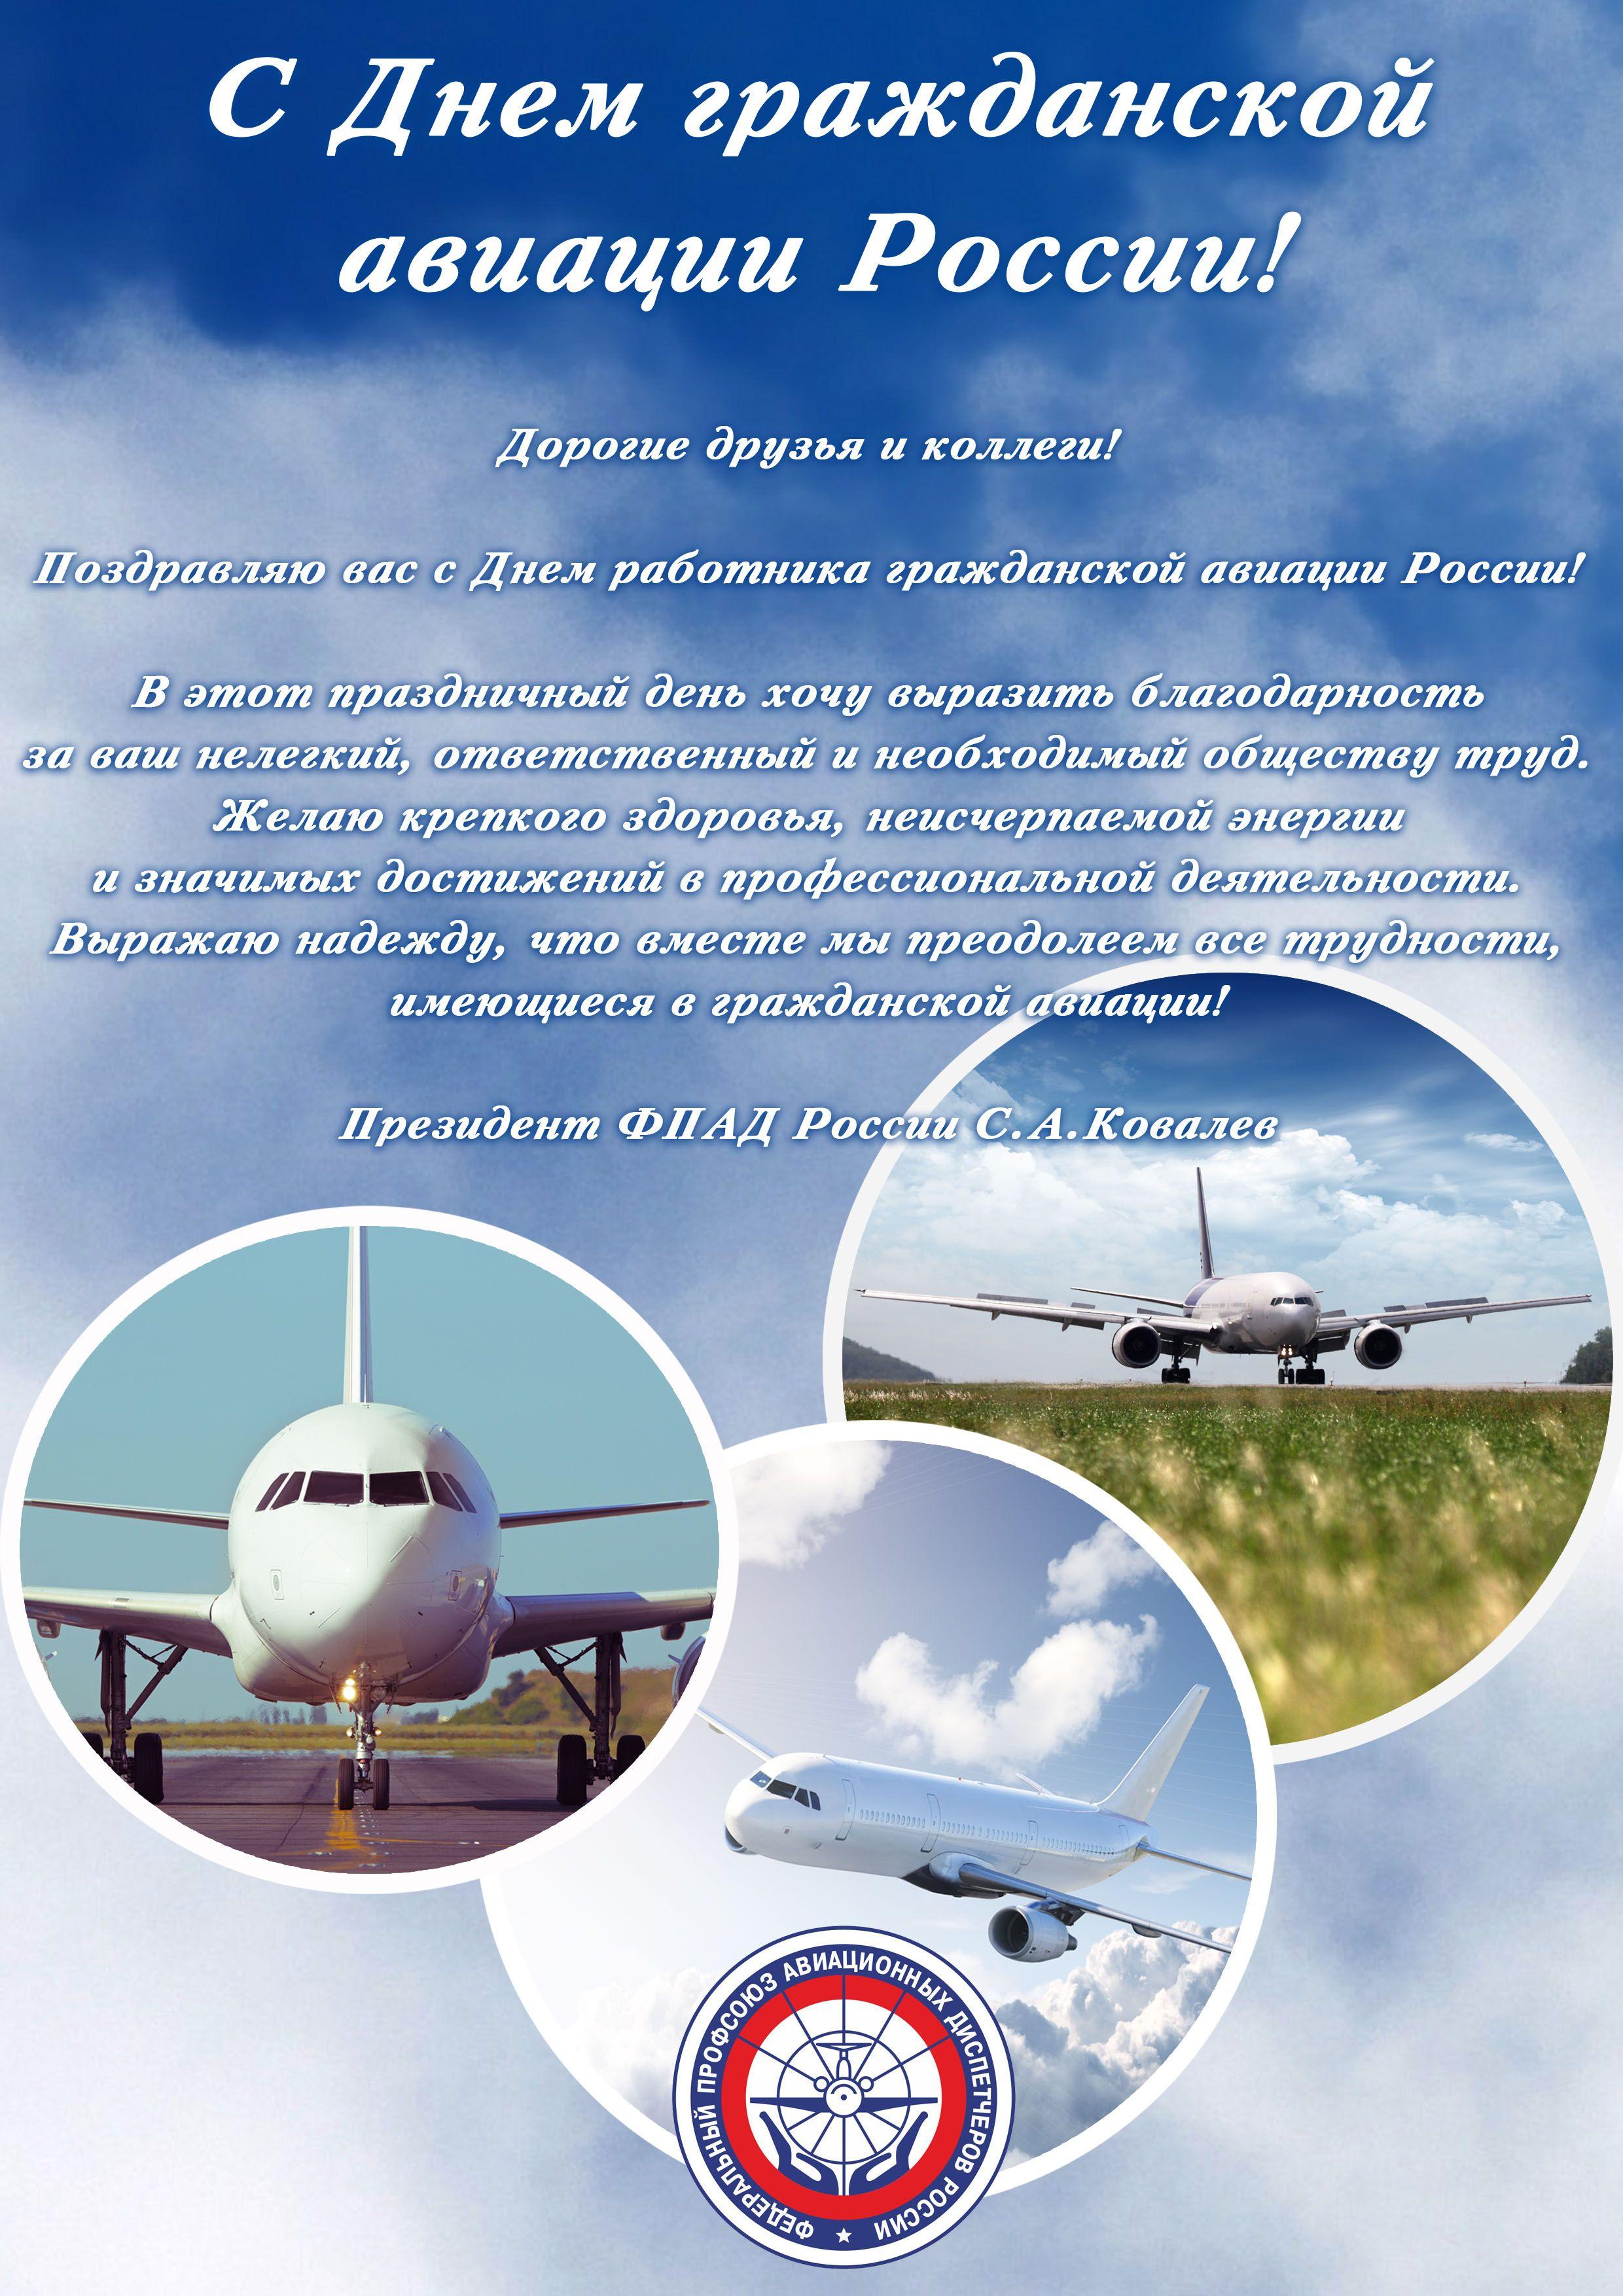 Гражданская авиация. - ОТКРЫТКРАЗДНИКУ - Поздравления, картинки png 10